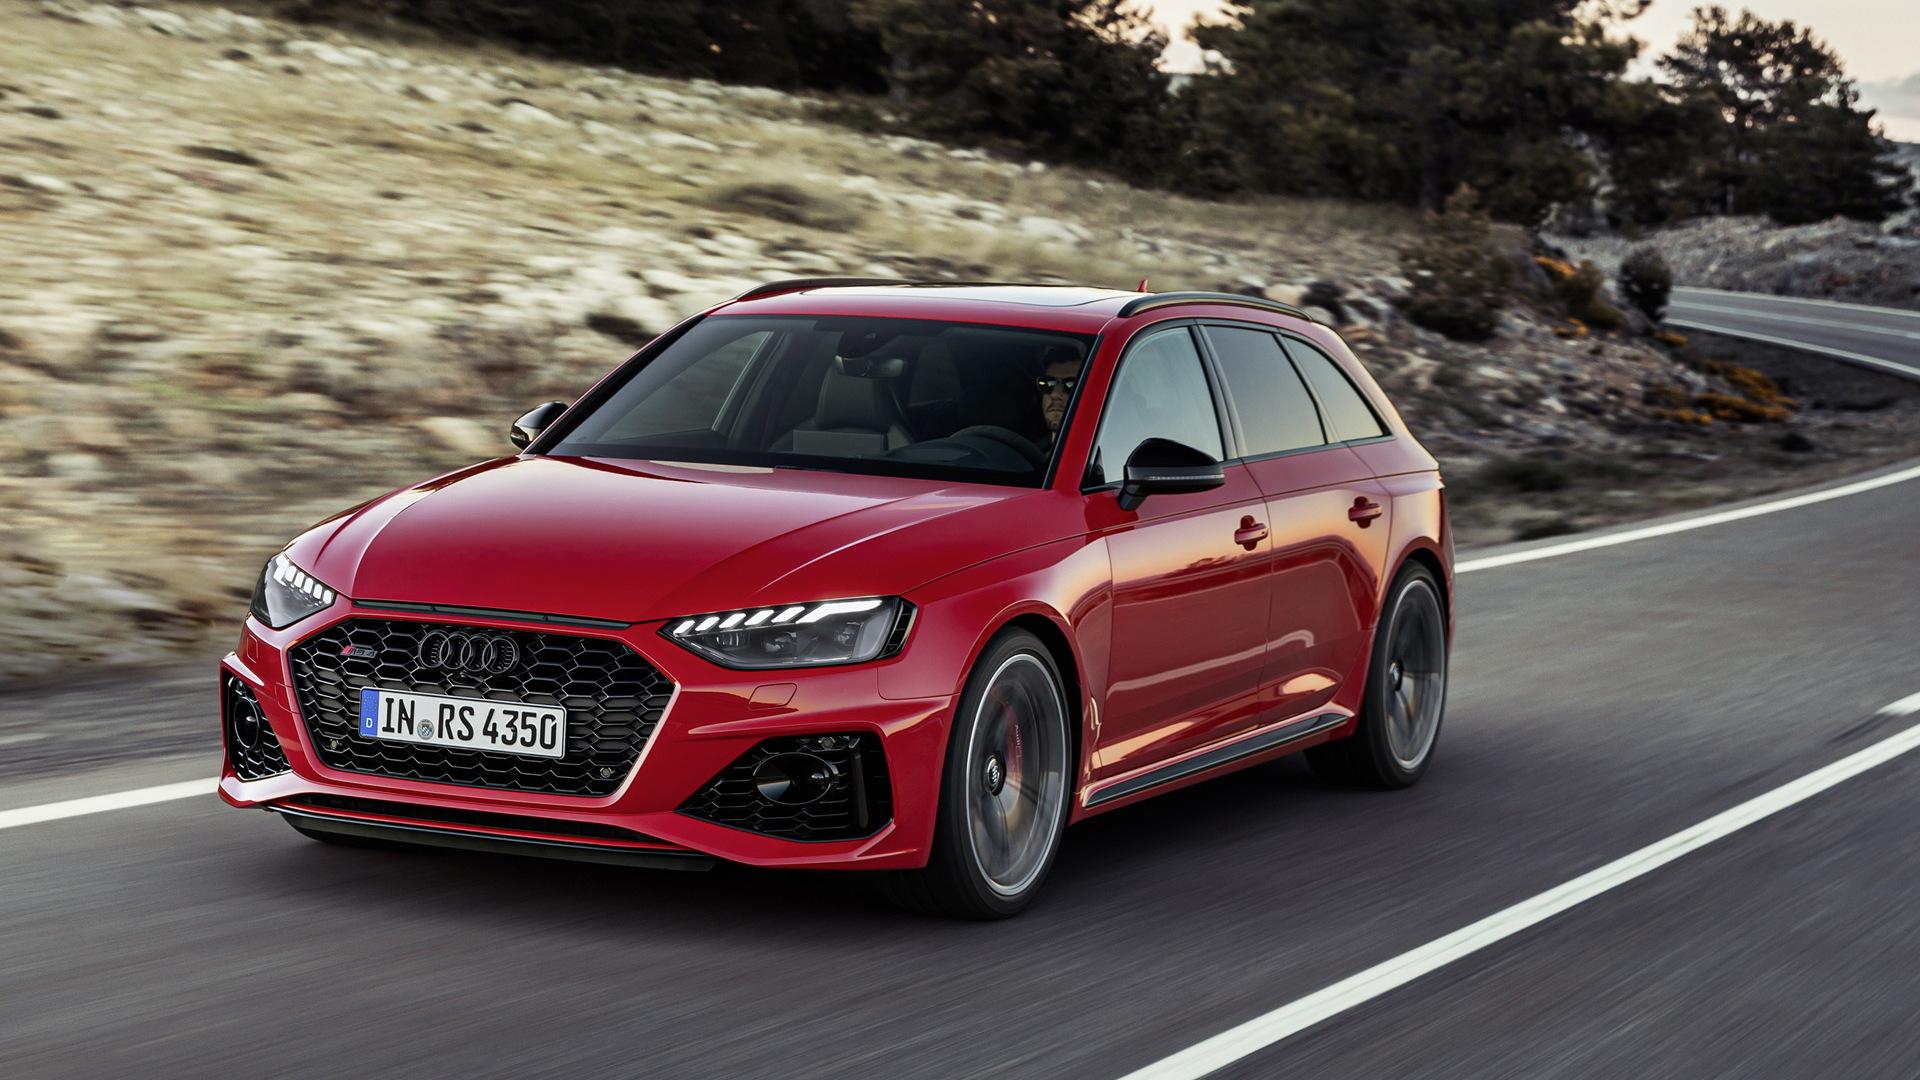 Kekurangan Audi A4 Rs Top Model Tahun Ini